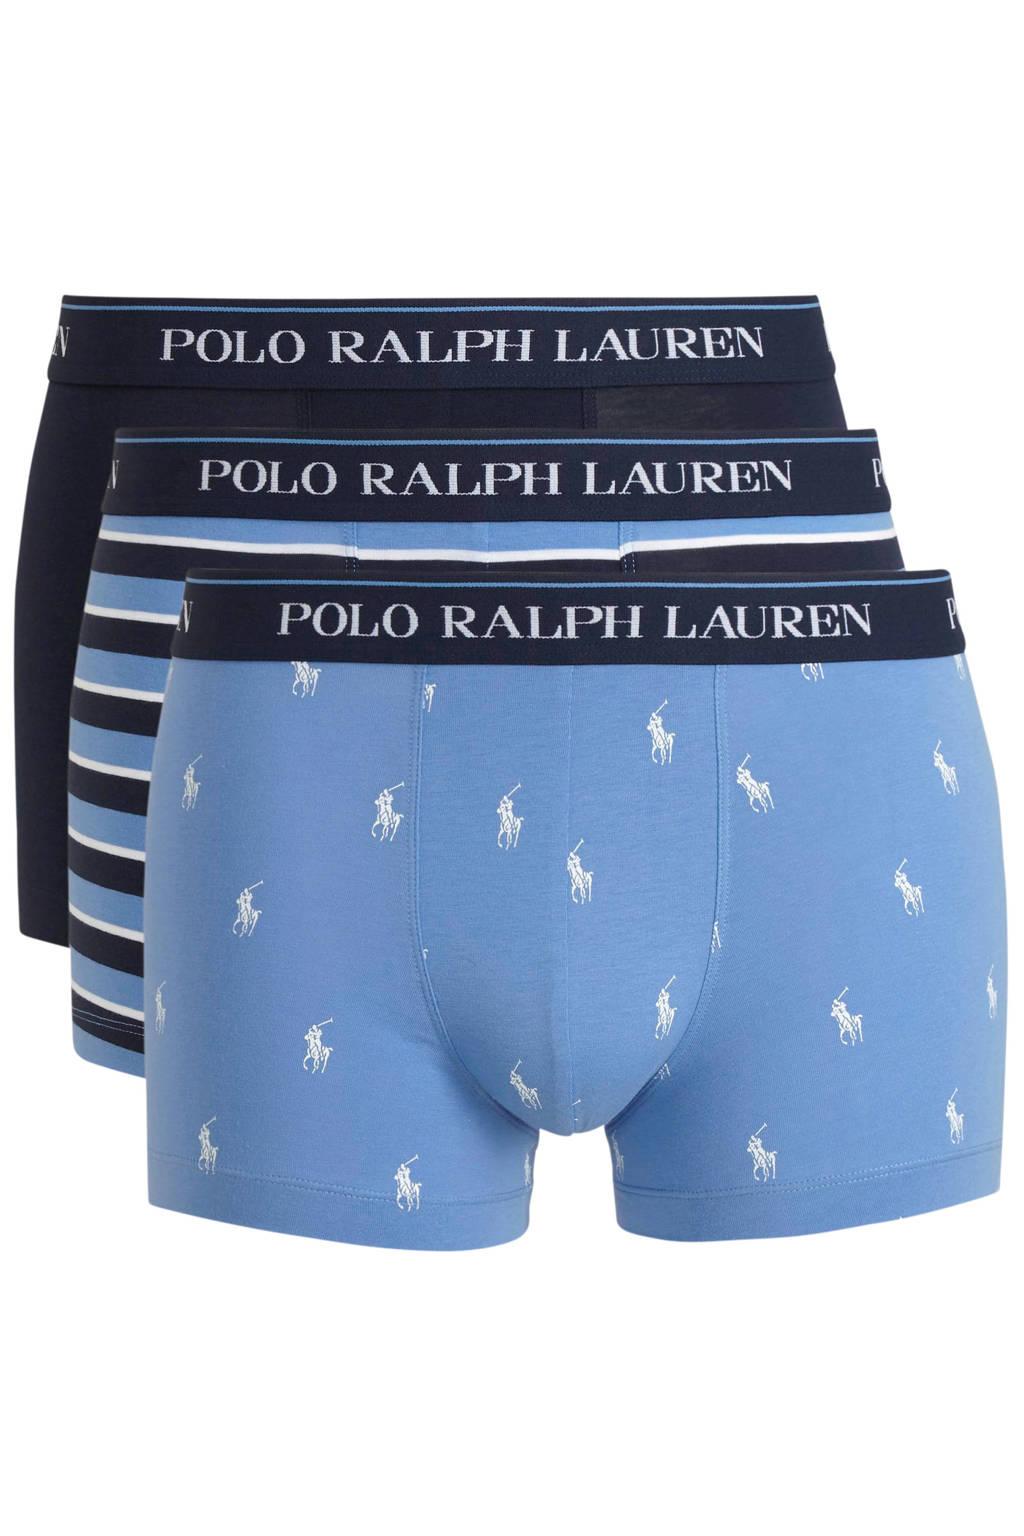 POLO Ralph Lauren boxershort (set van 3), Lichtblauw